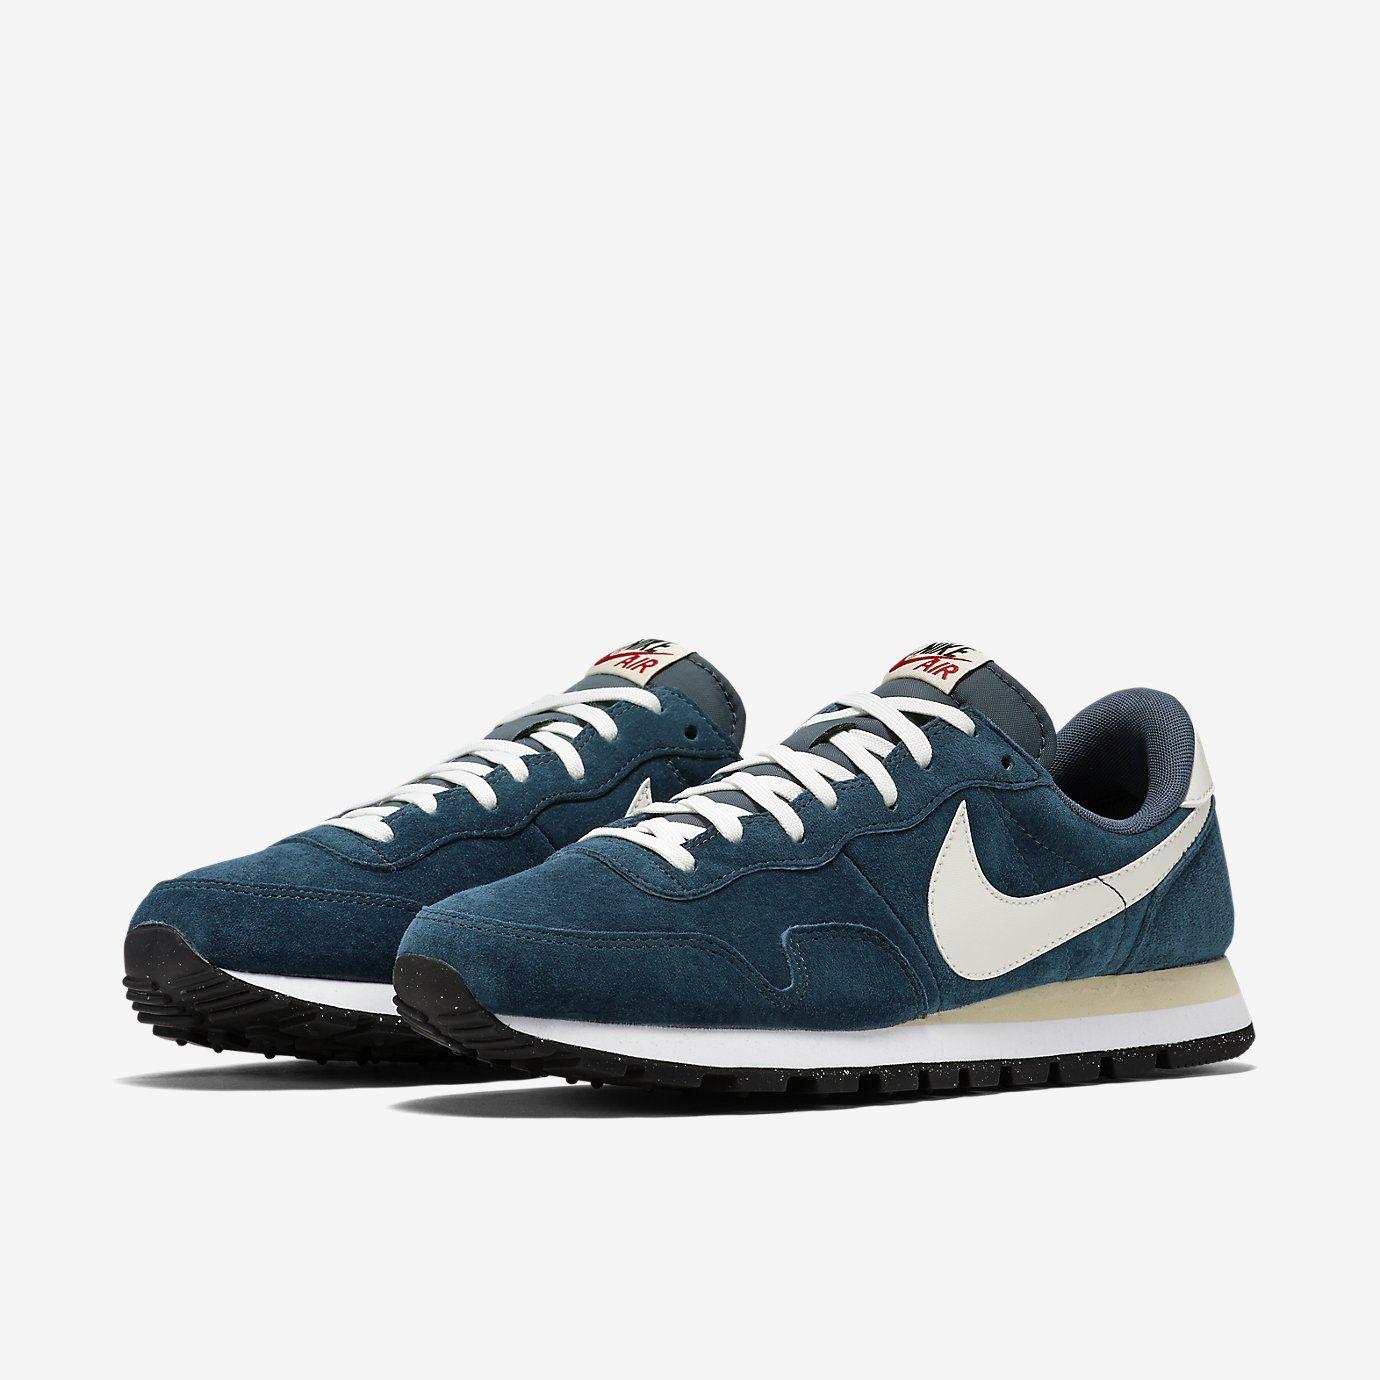 c11594d55901 Nike Air Pegasus 83 PGS Leather Men s Shoe. Nike Store